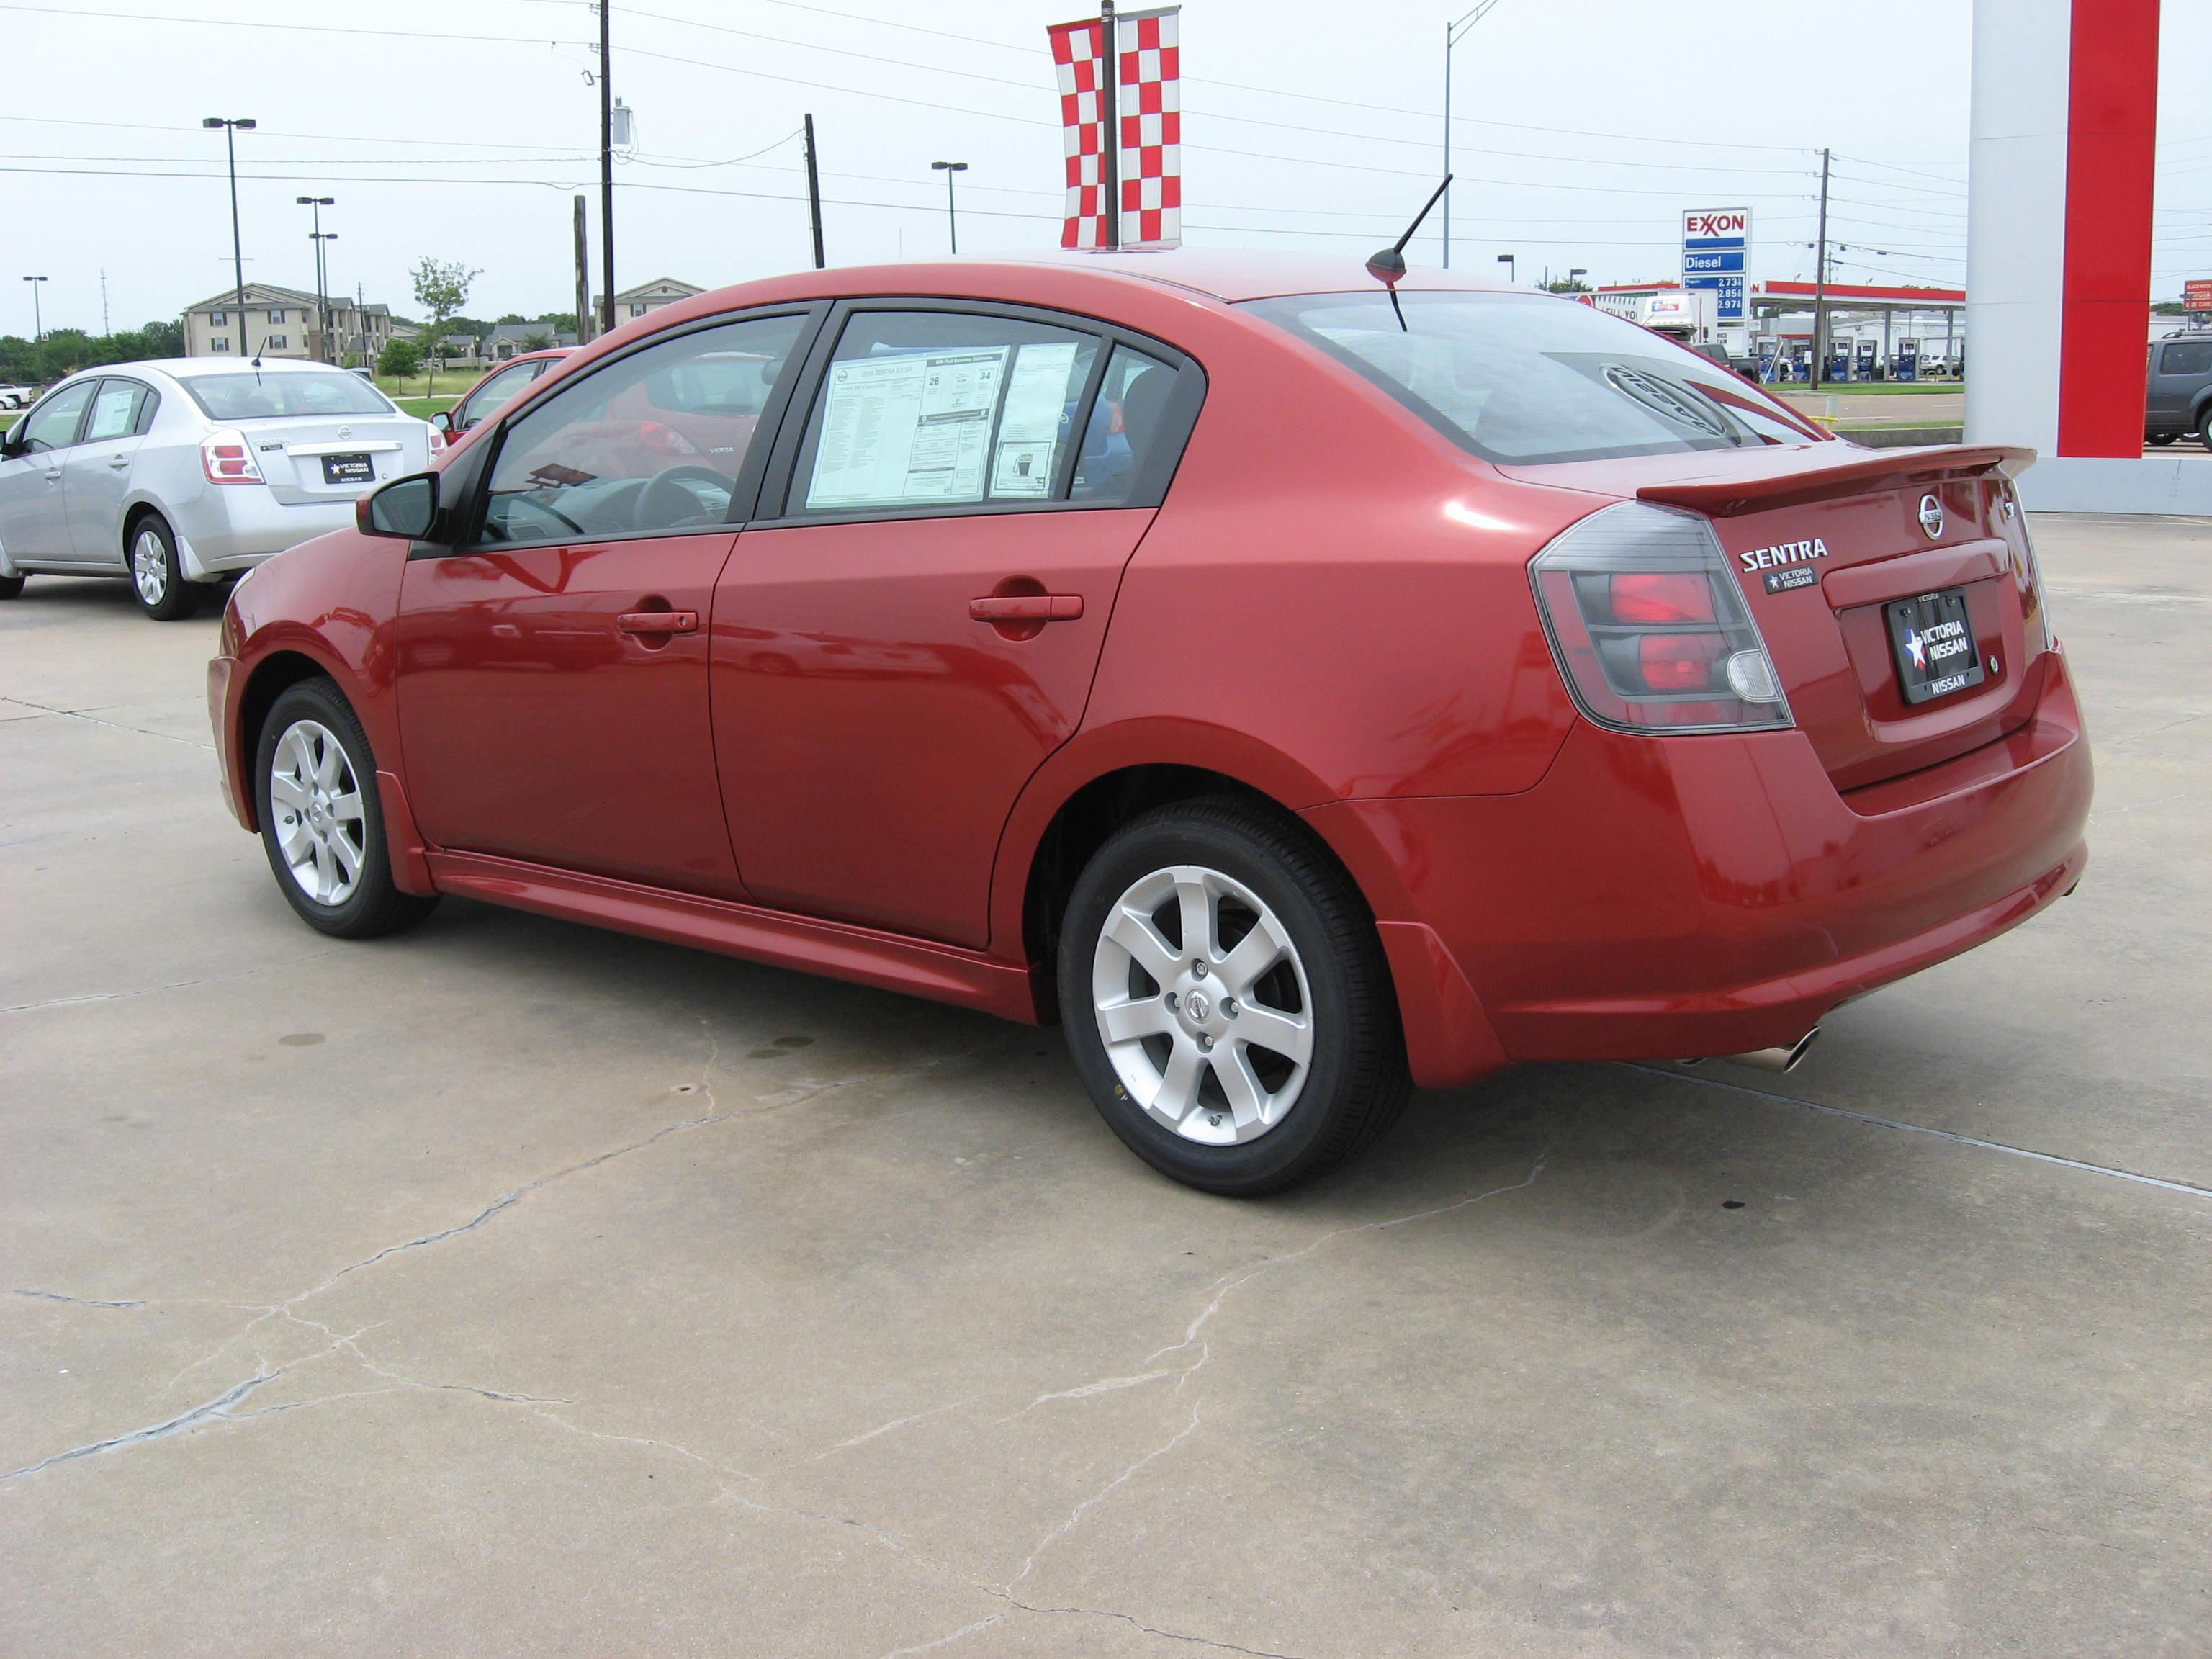 murano mocksville carolina black price full north s in listings nissan